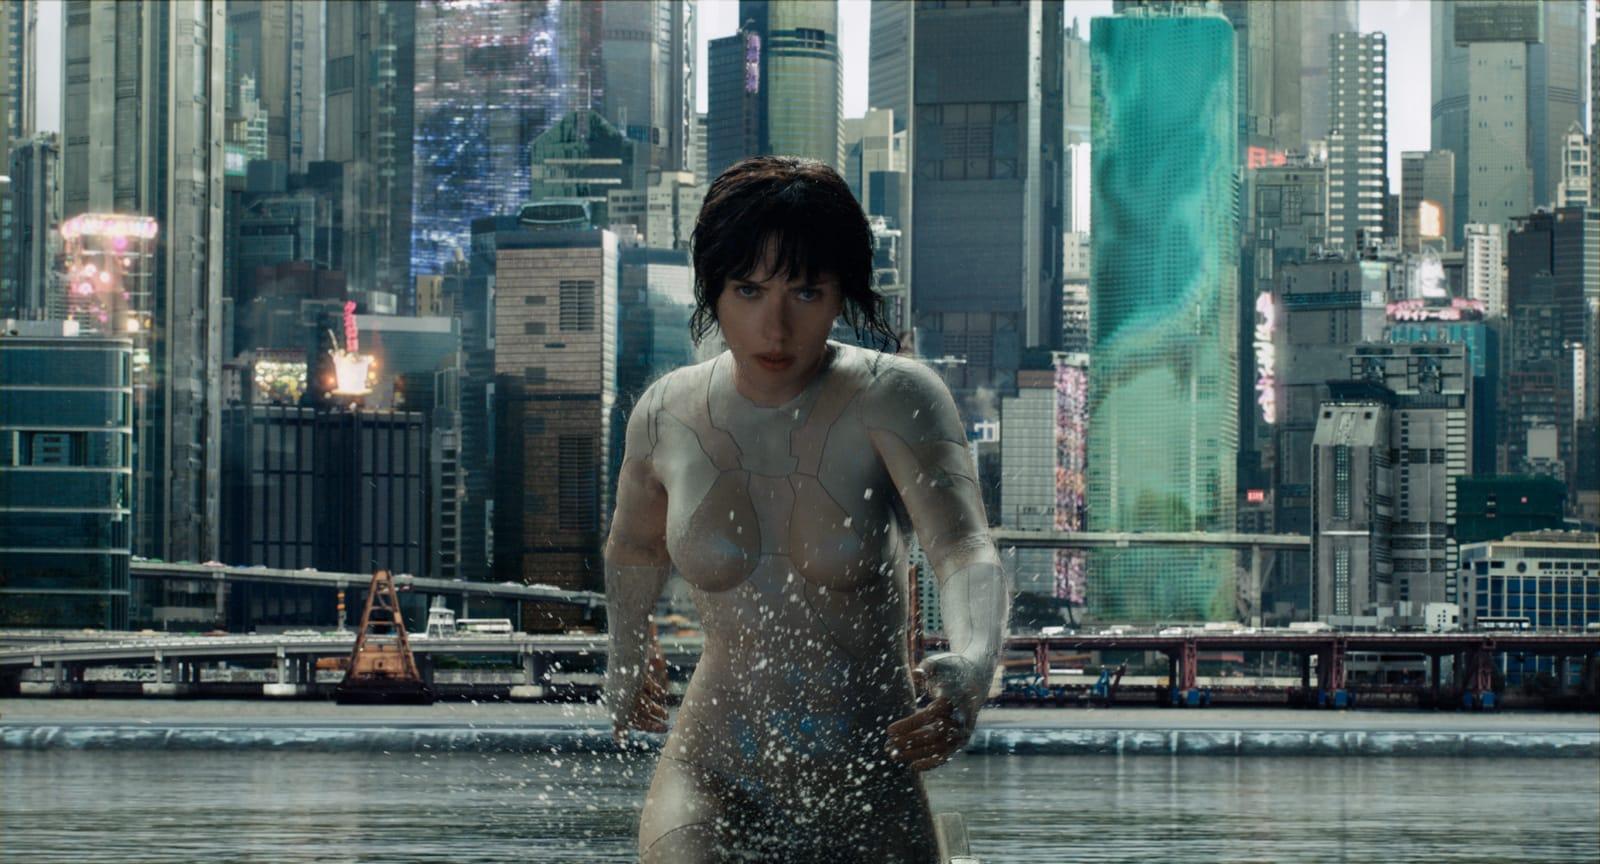 Ghost in the Shell Rupert Sanders image Scarlett Johansson